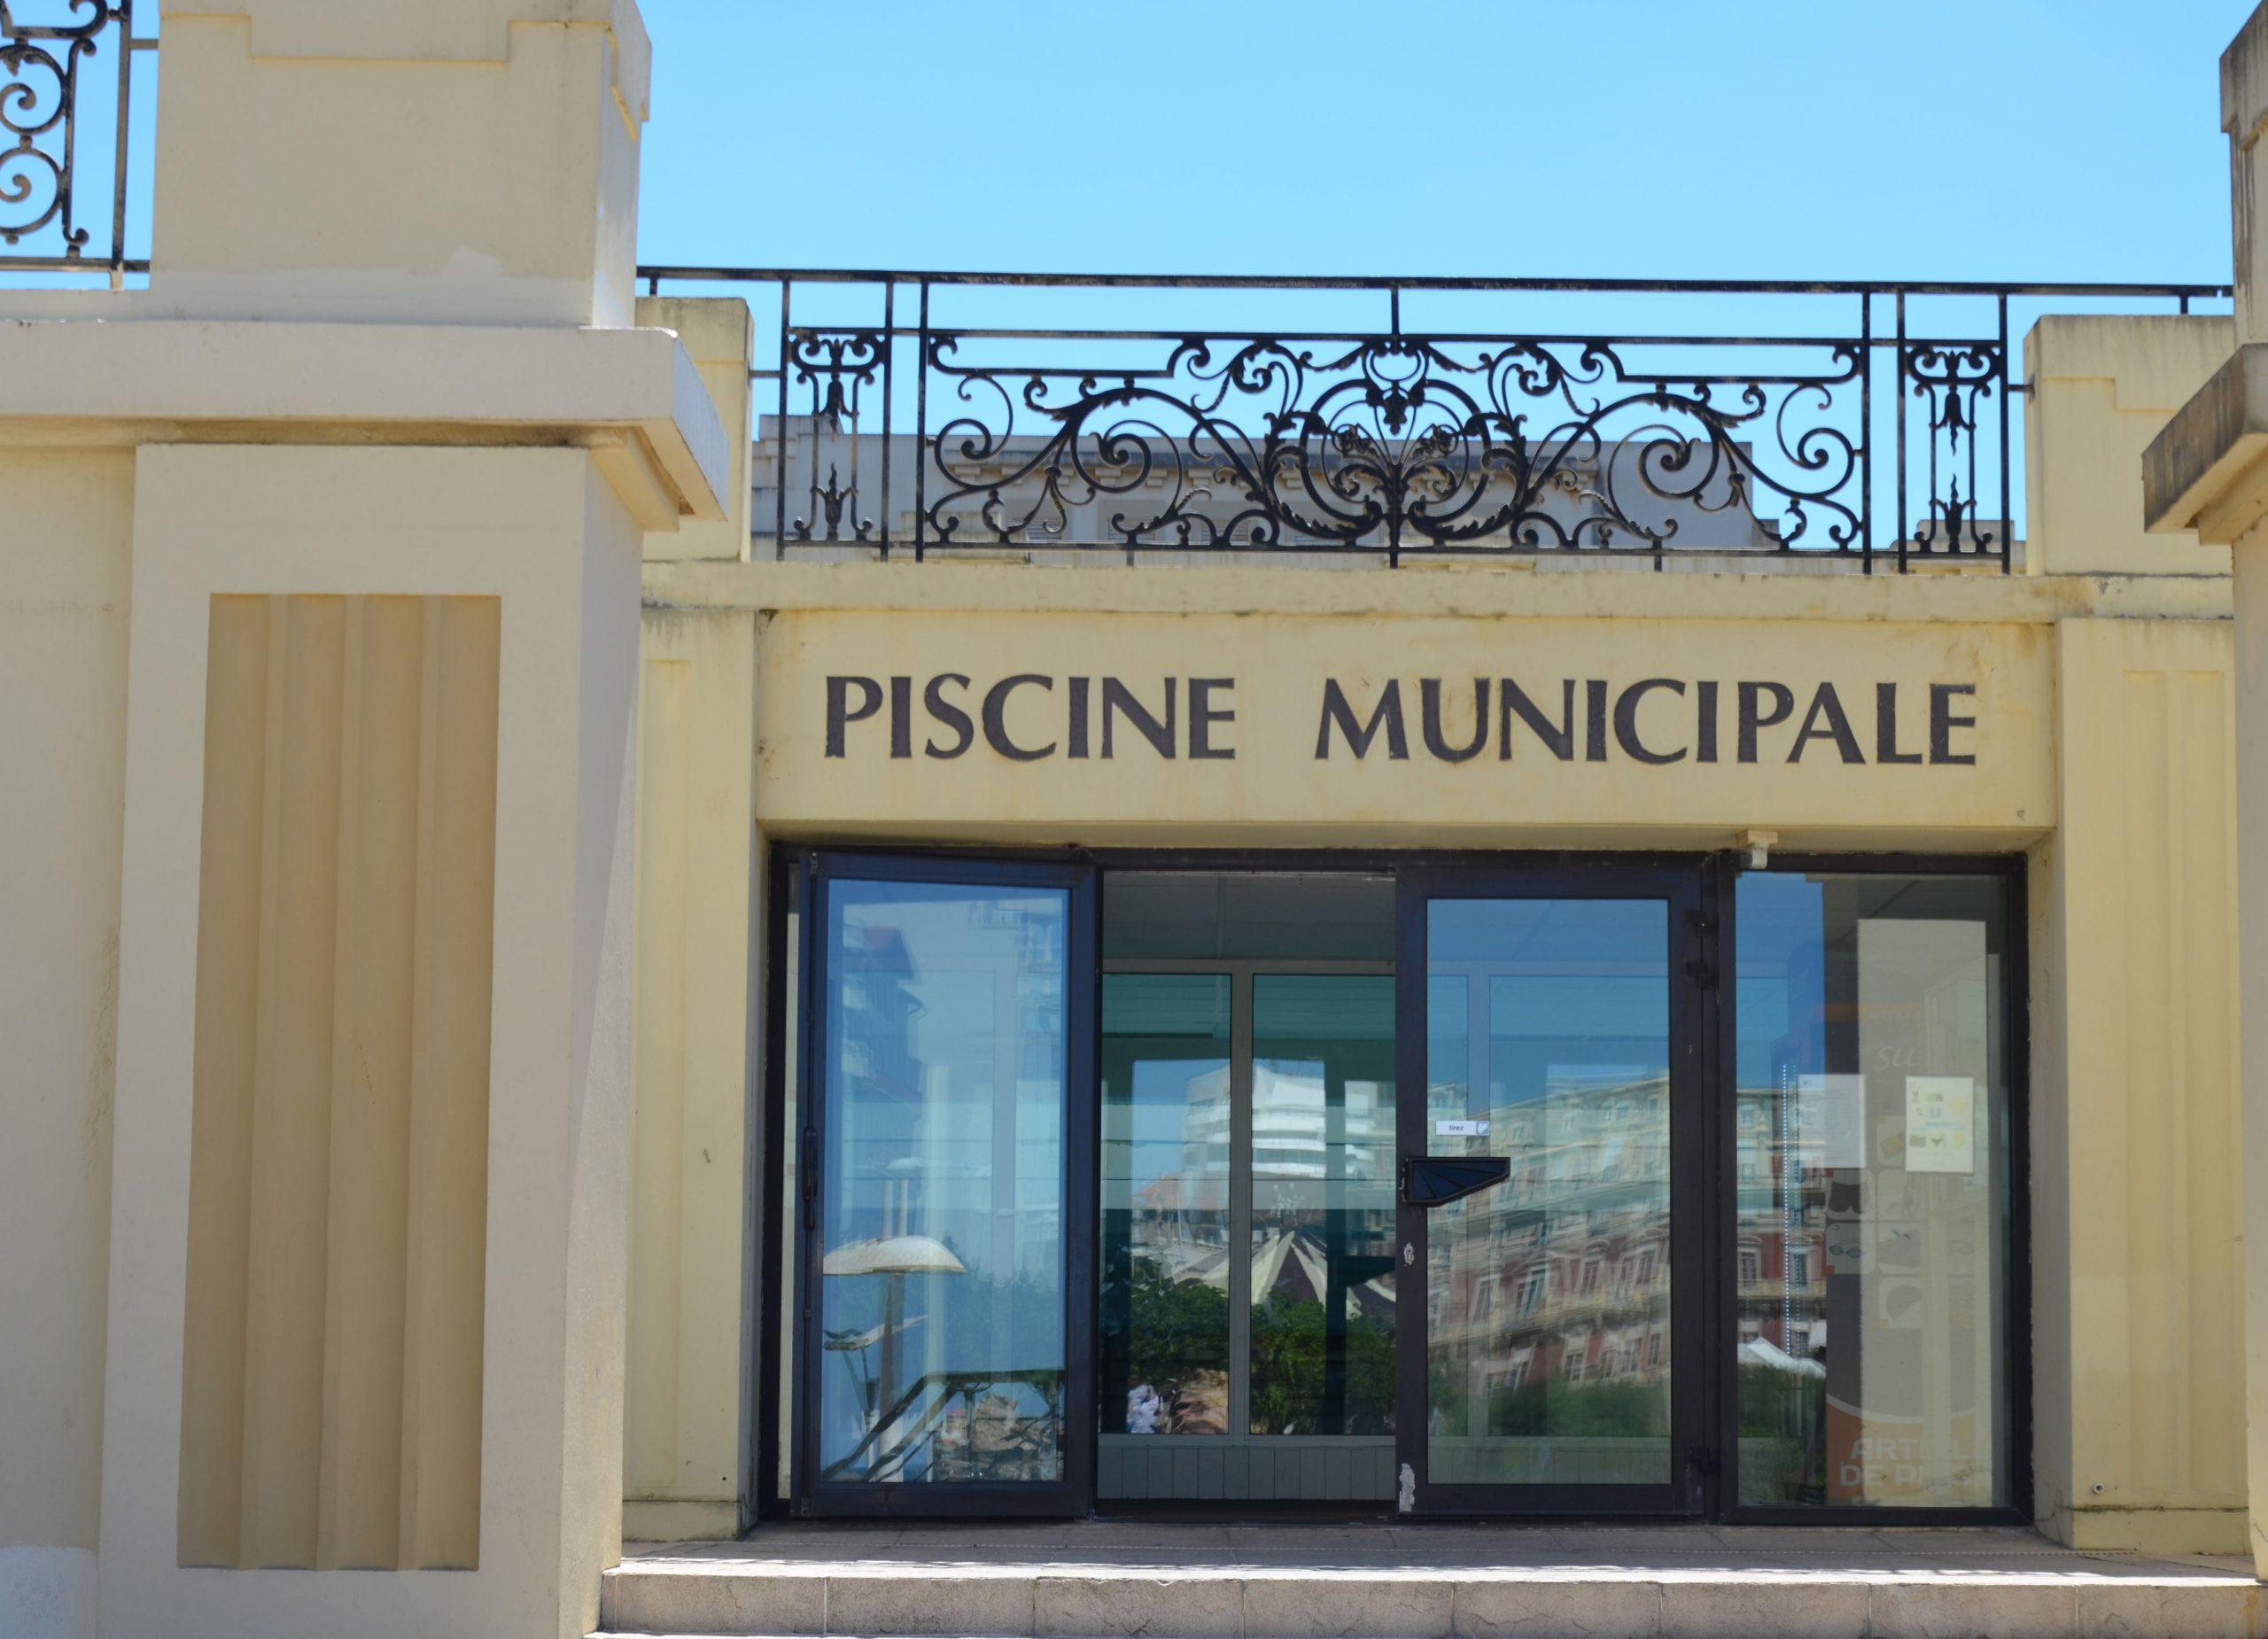 Du Nouveau À La Piscine Municipale pour Piscine Municipale Biarritz